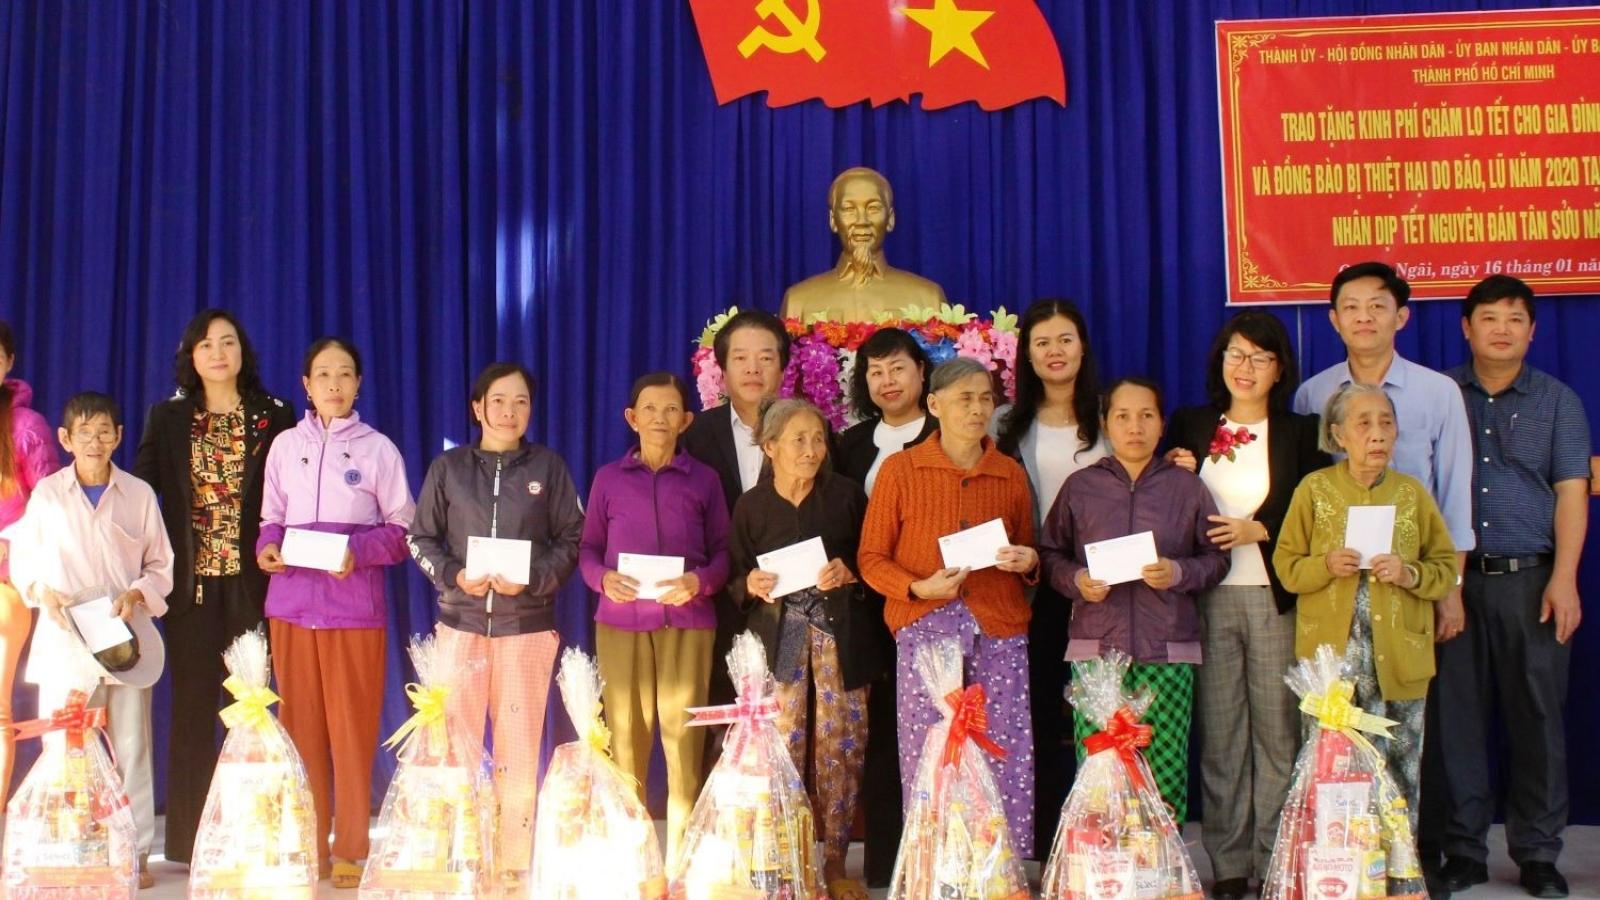 Gần 47.500 hộ nghèo, cận nghèo ảnh hưởng bão, lũ được nhận quà Tết